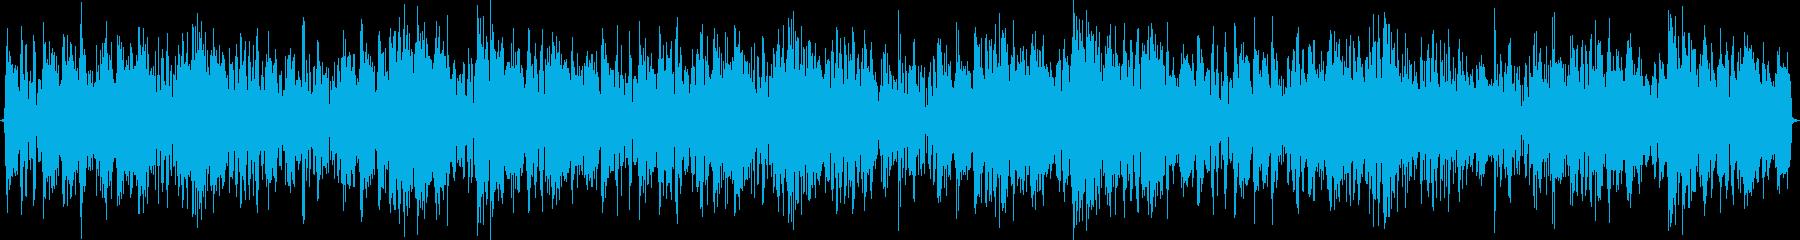 ディスコ風トランスと言う新しい曲です。の再生済みの波形